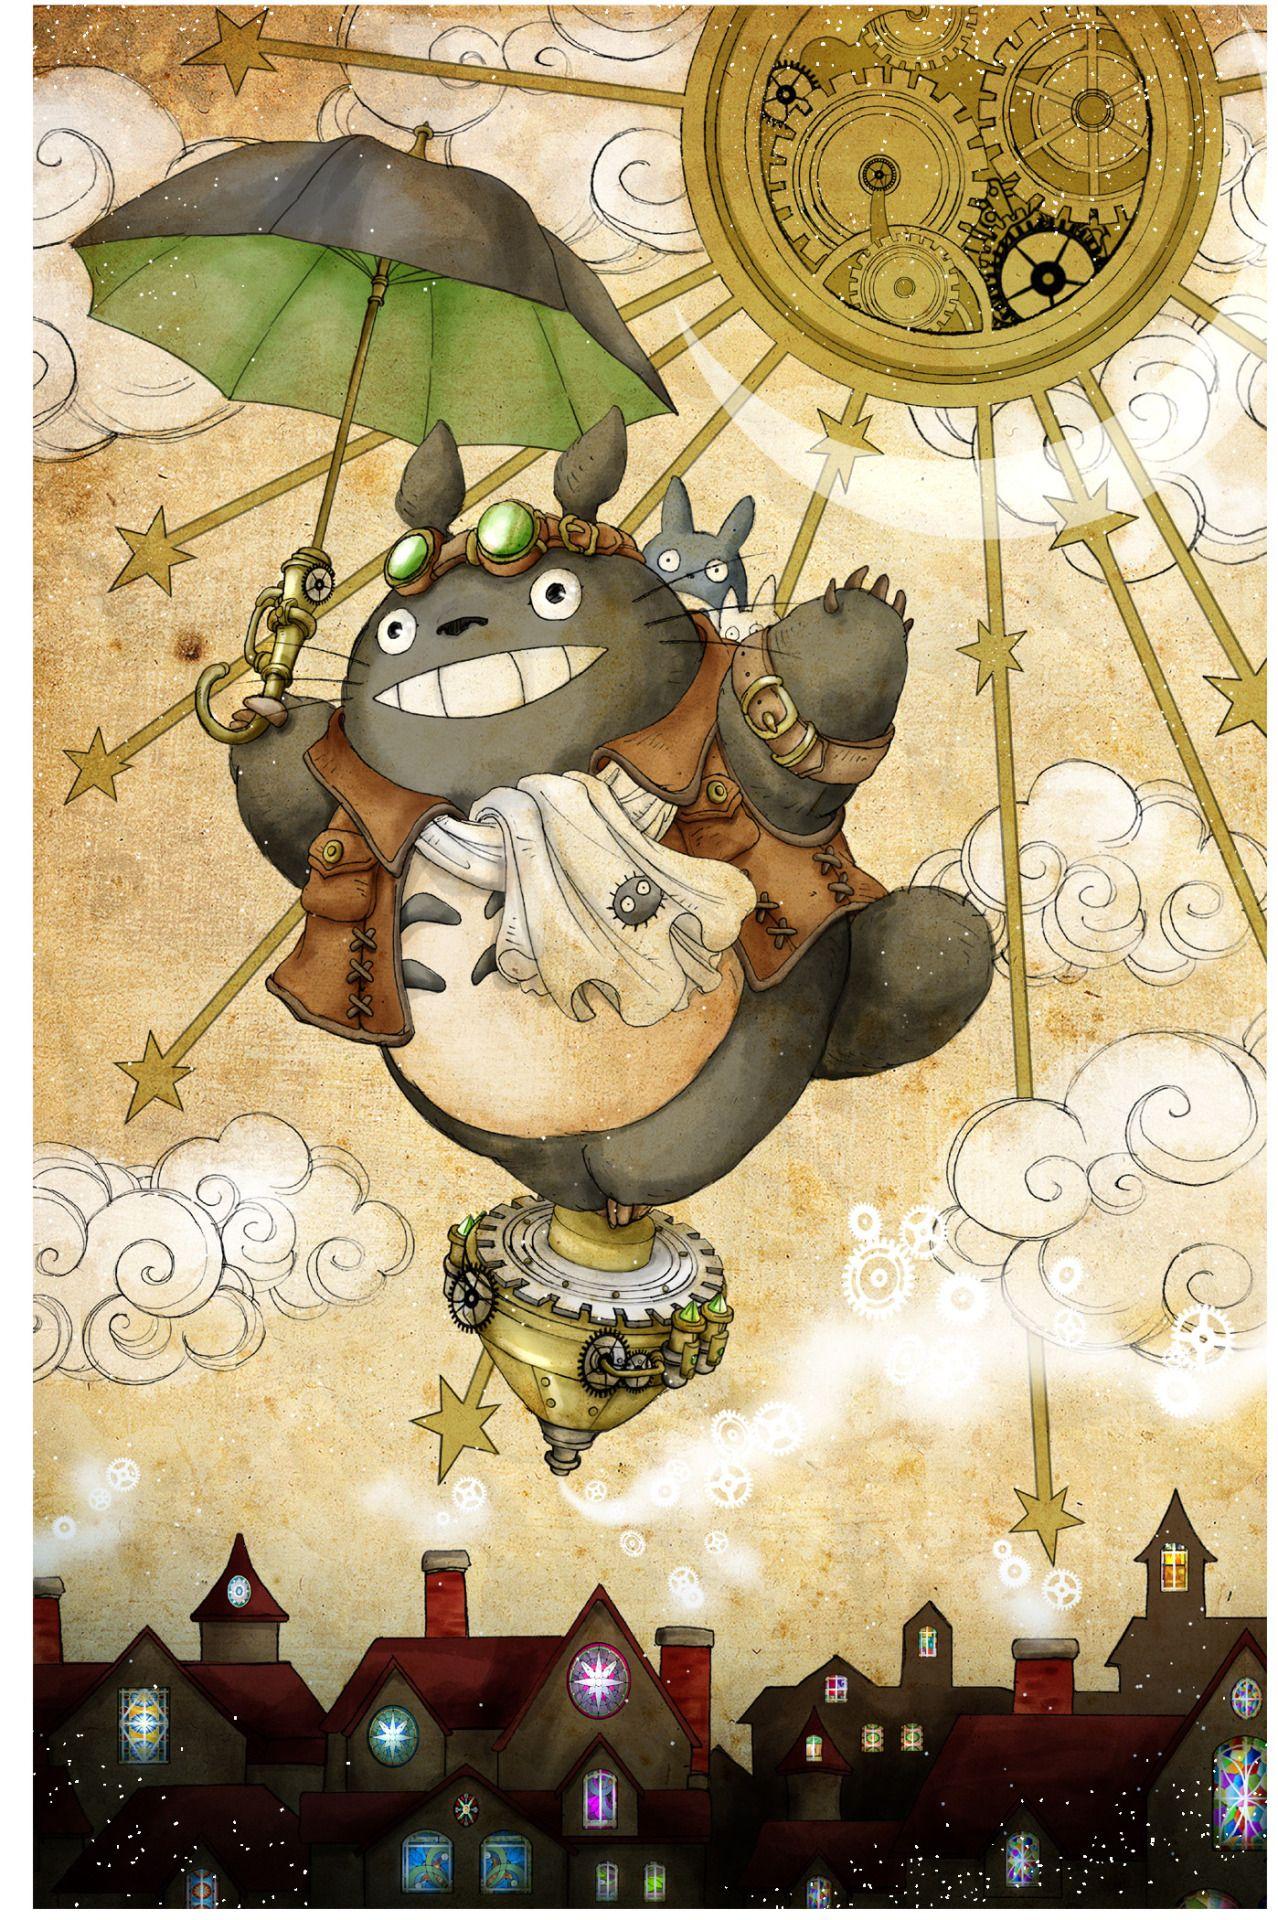 Steampunk Totoro by Zeus | Anime/Manga Style | Pinterest | Totoro ...